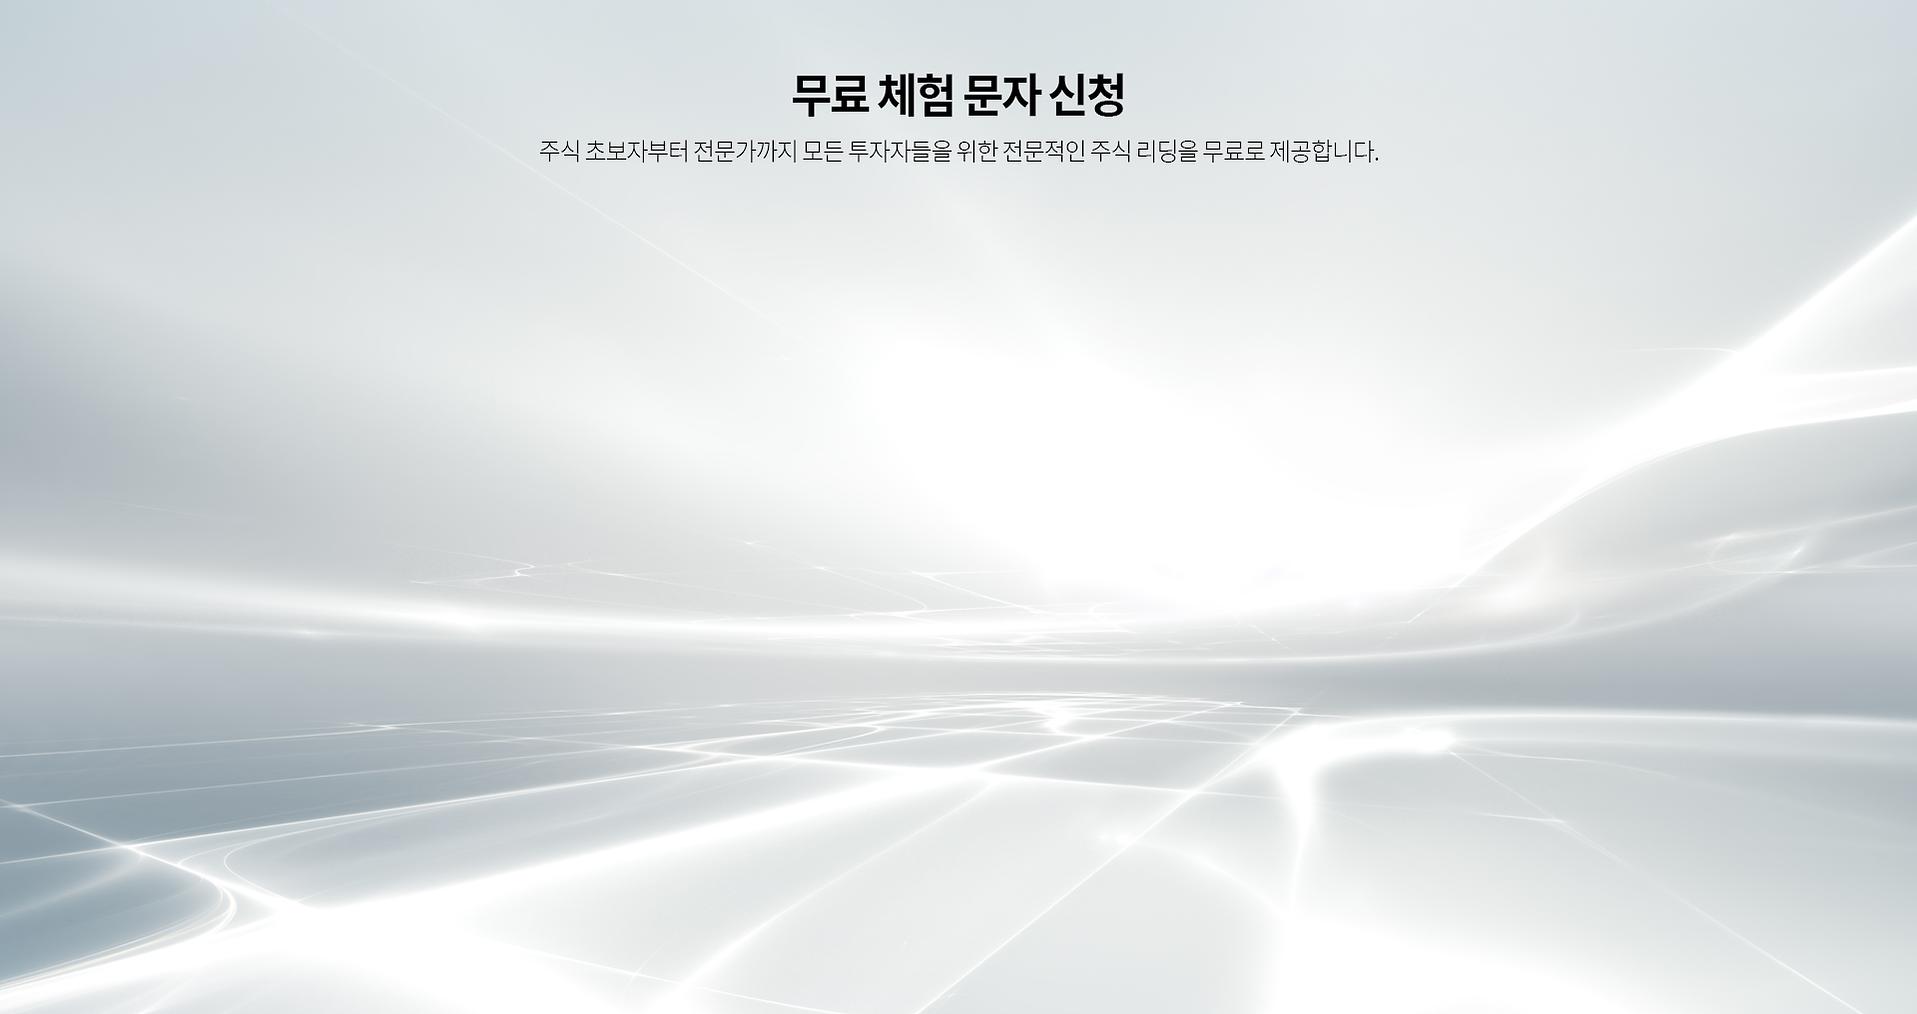 20191223_홈페이지 메인 수정11_김은아.png